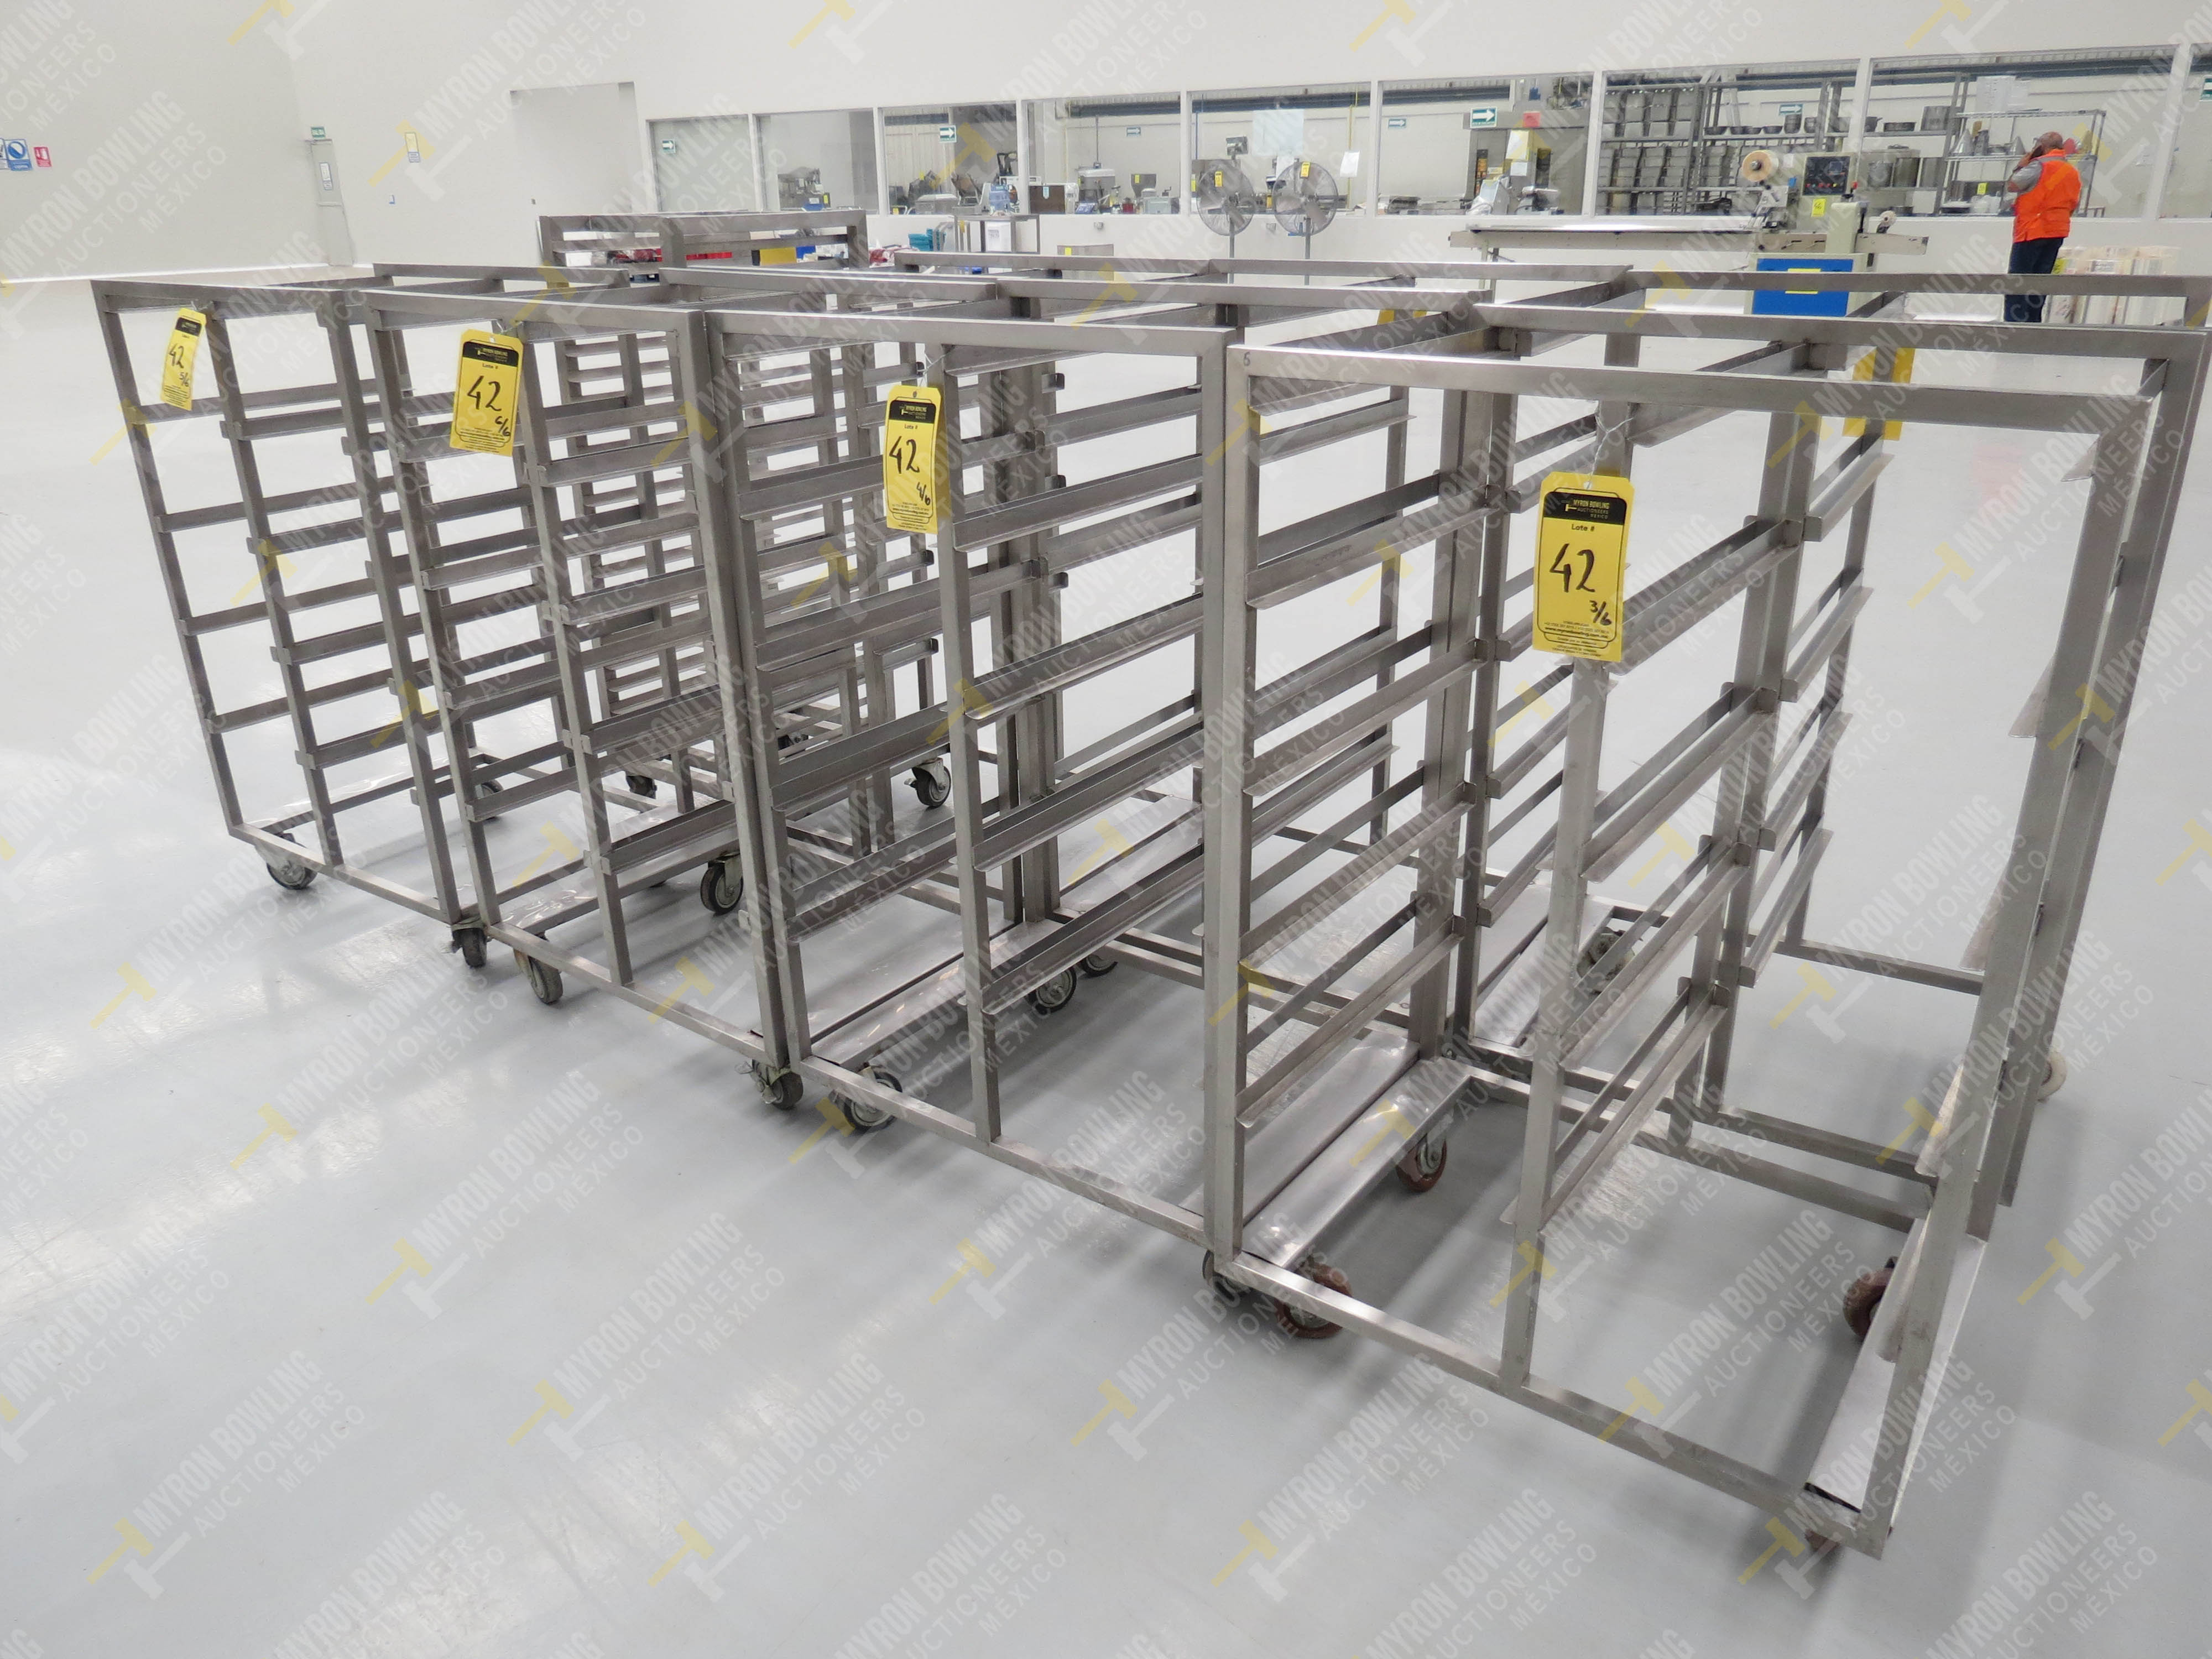 Túnel de congelación de alimentos marca Criocabin, Modelo G130020, No. de Serie 29535666 … - Image 7 of 12